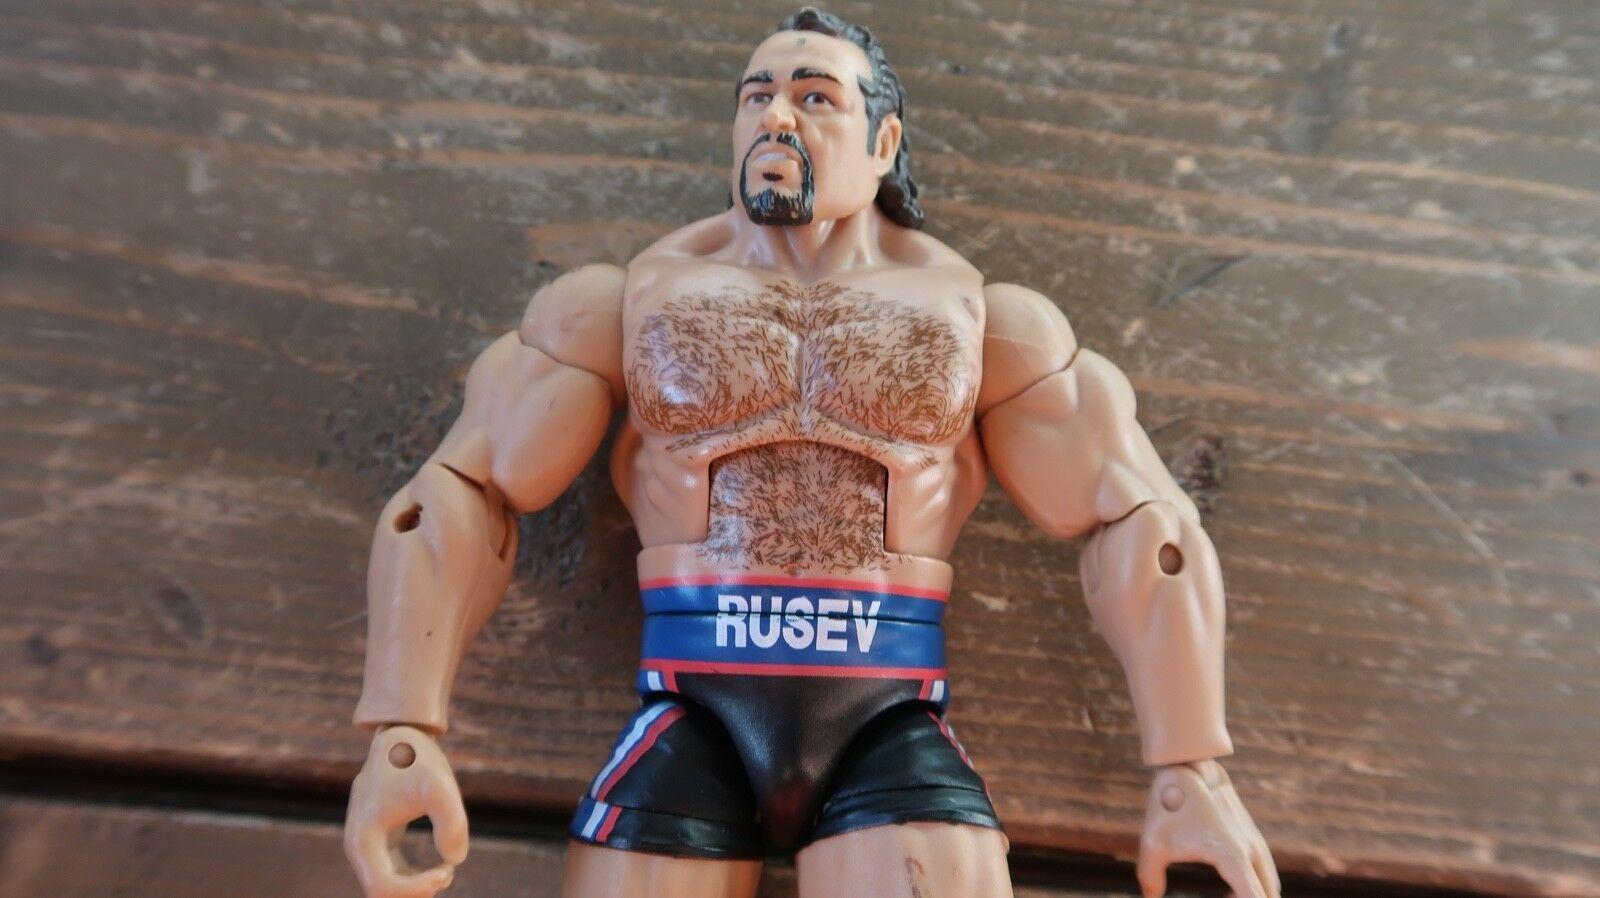 RUSEV WWE wrestling ELITE FIGURE by MATTEL image 2